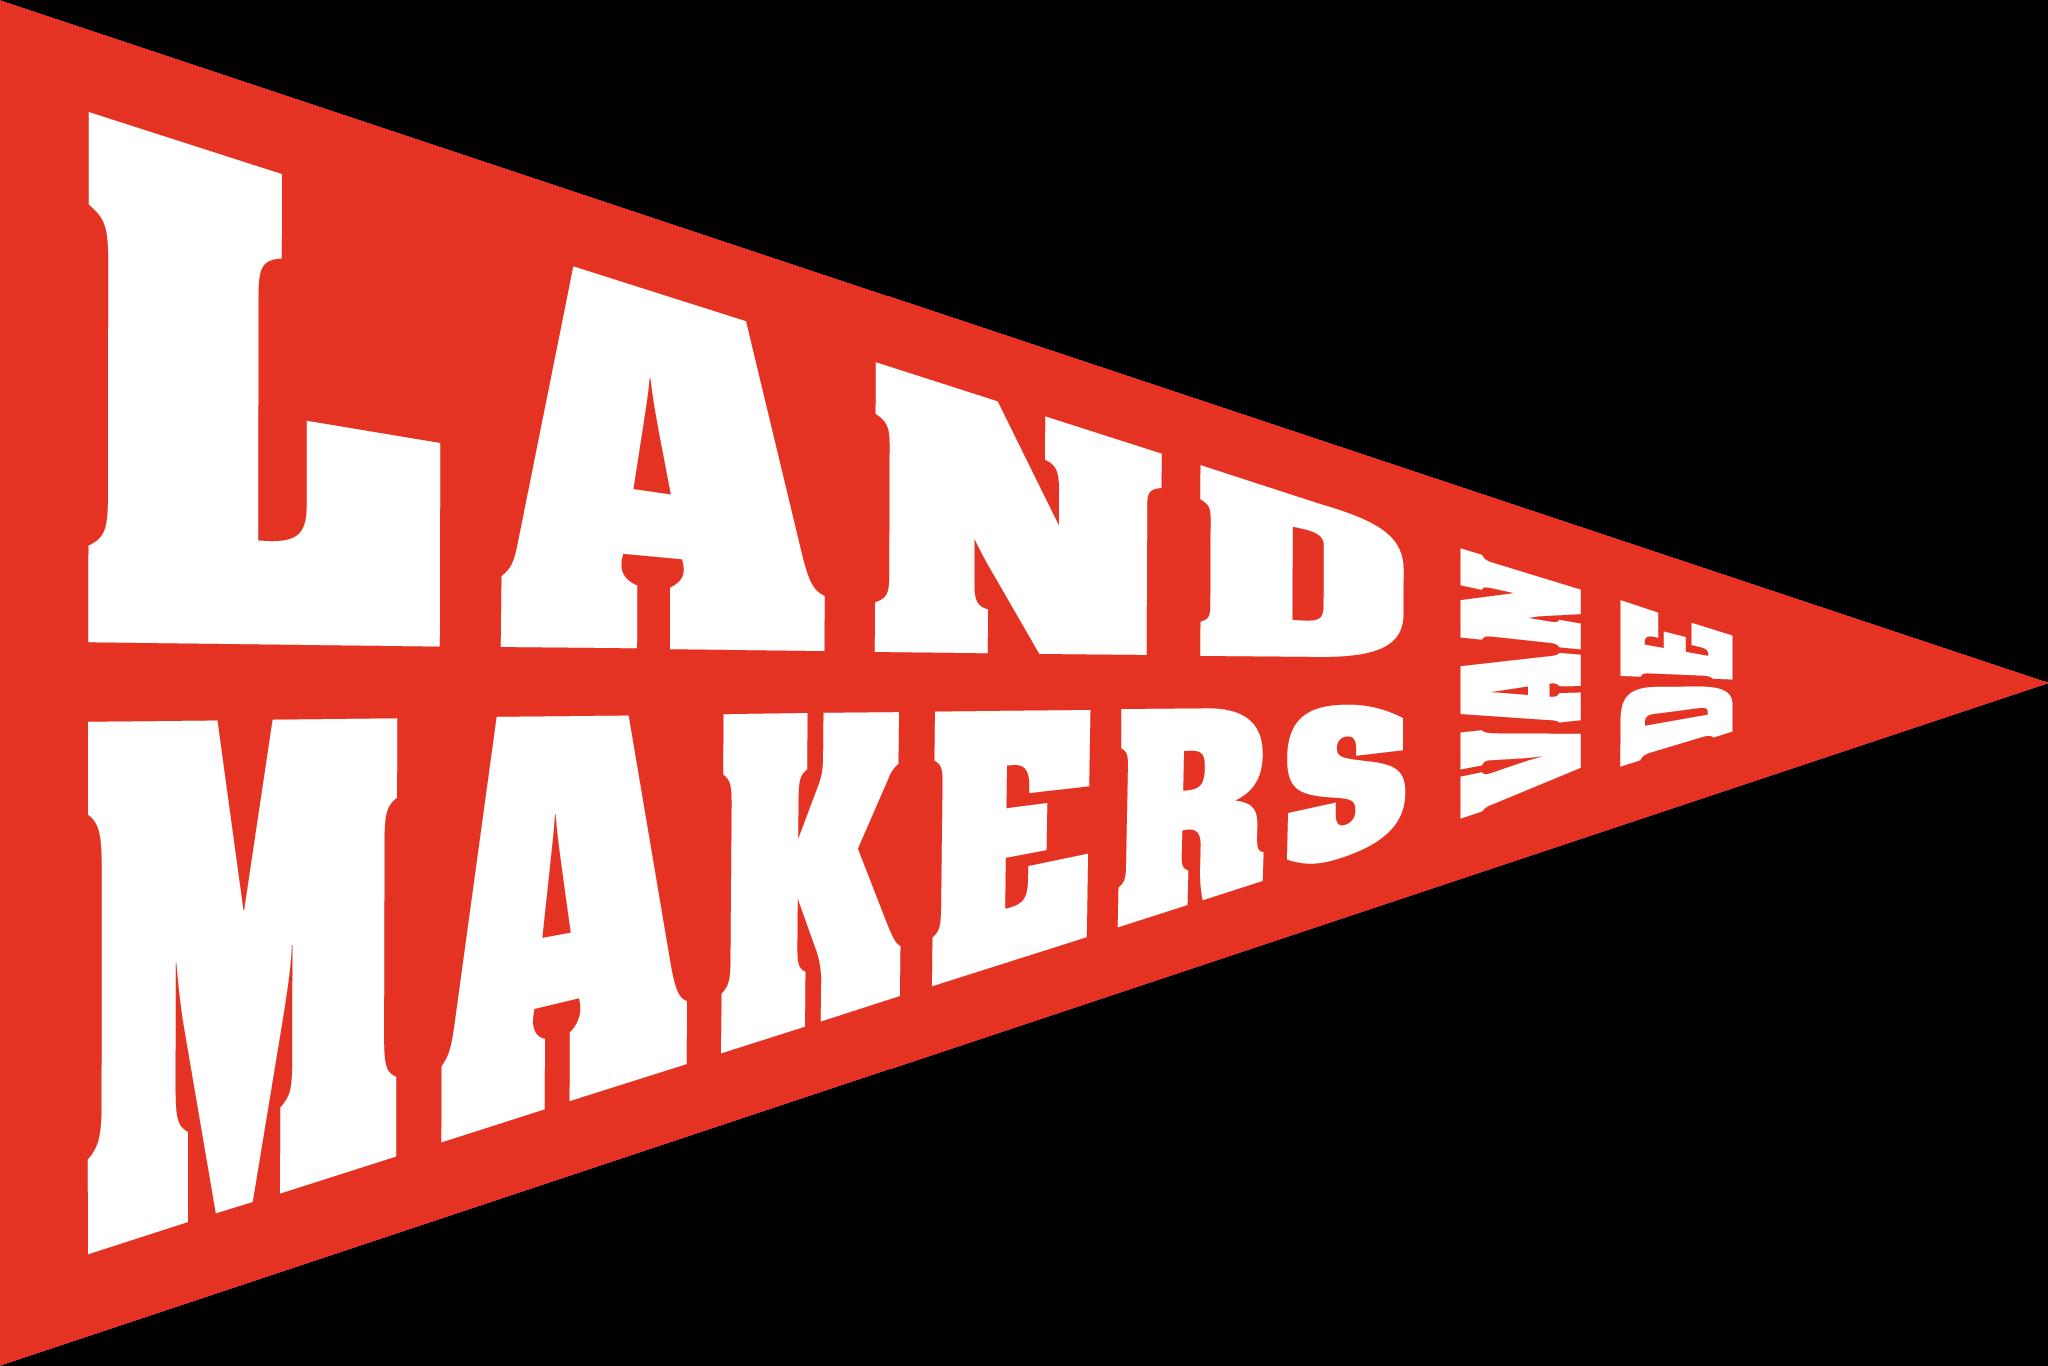 Land van de Makers